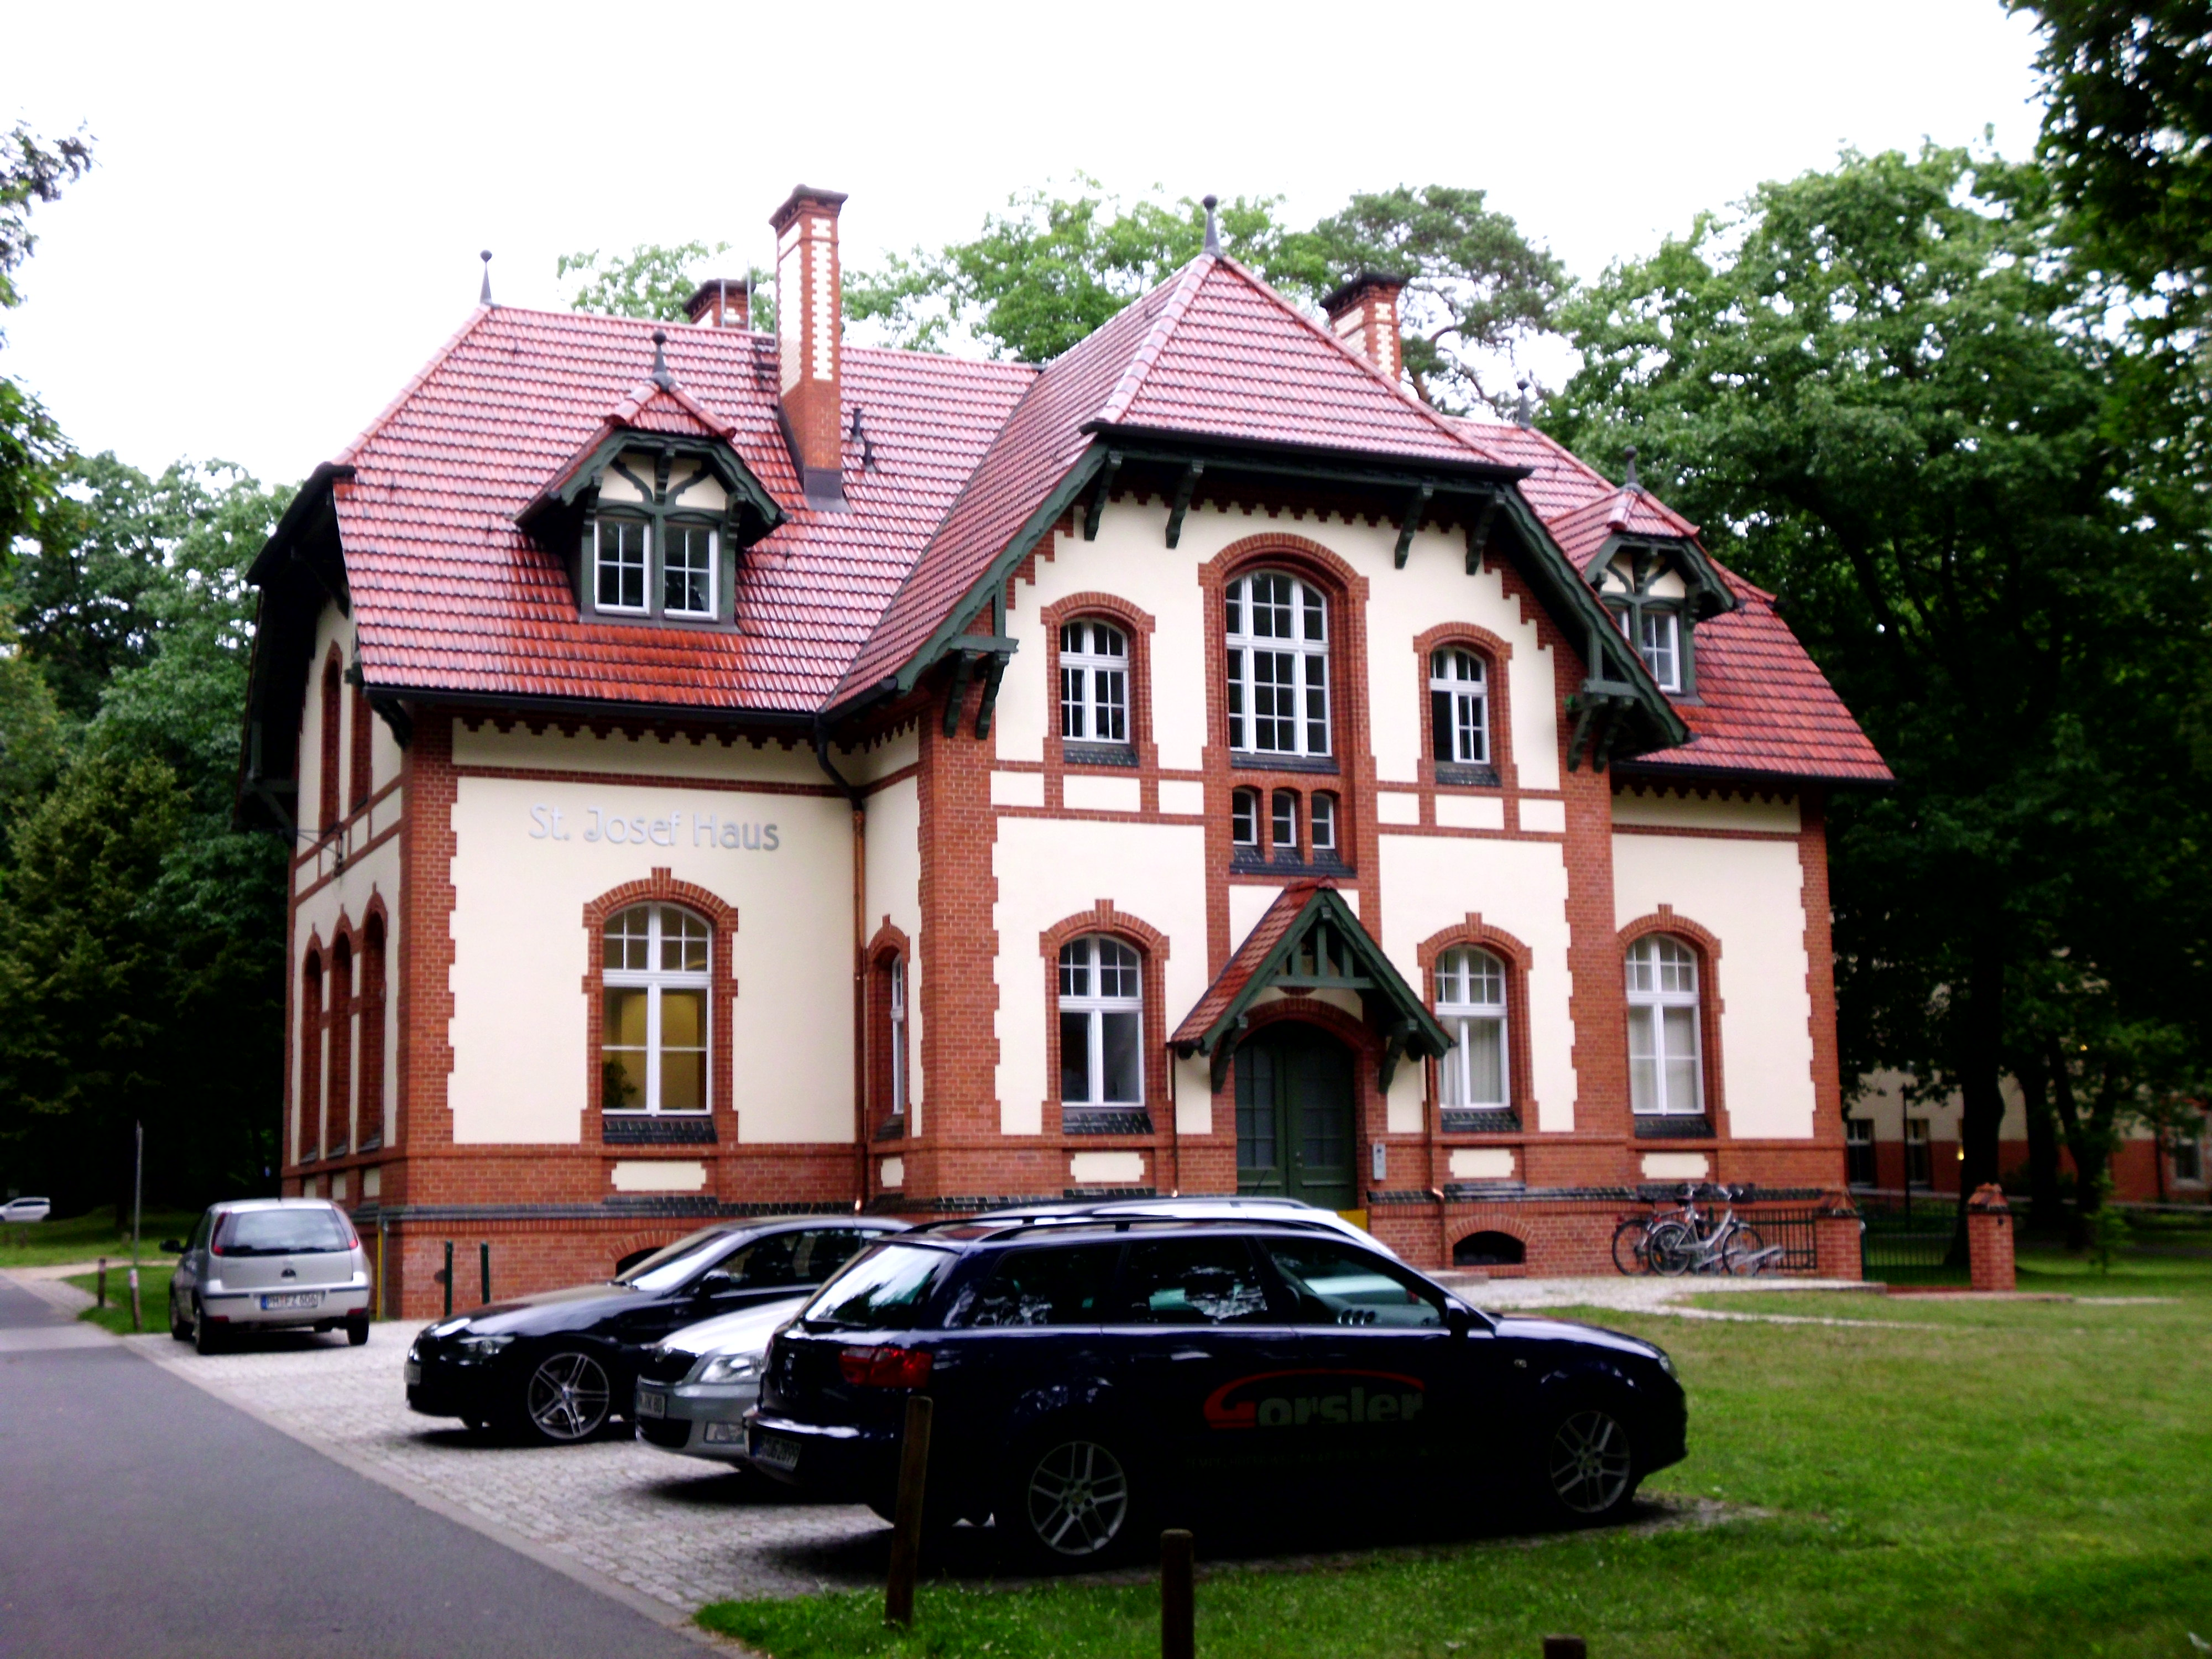 St Josef Haus Dingden – Startseite Design Bilder